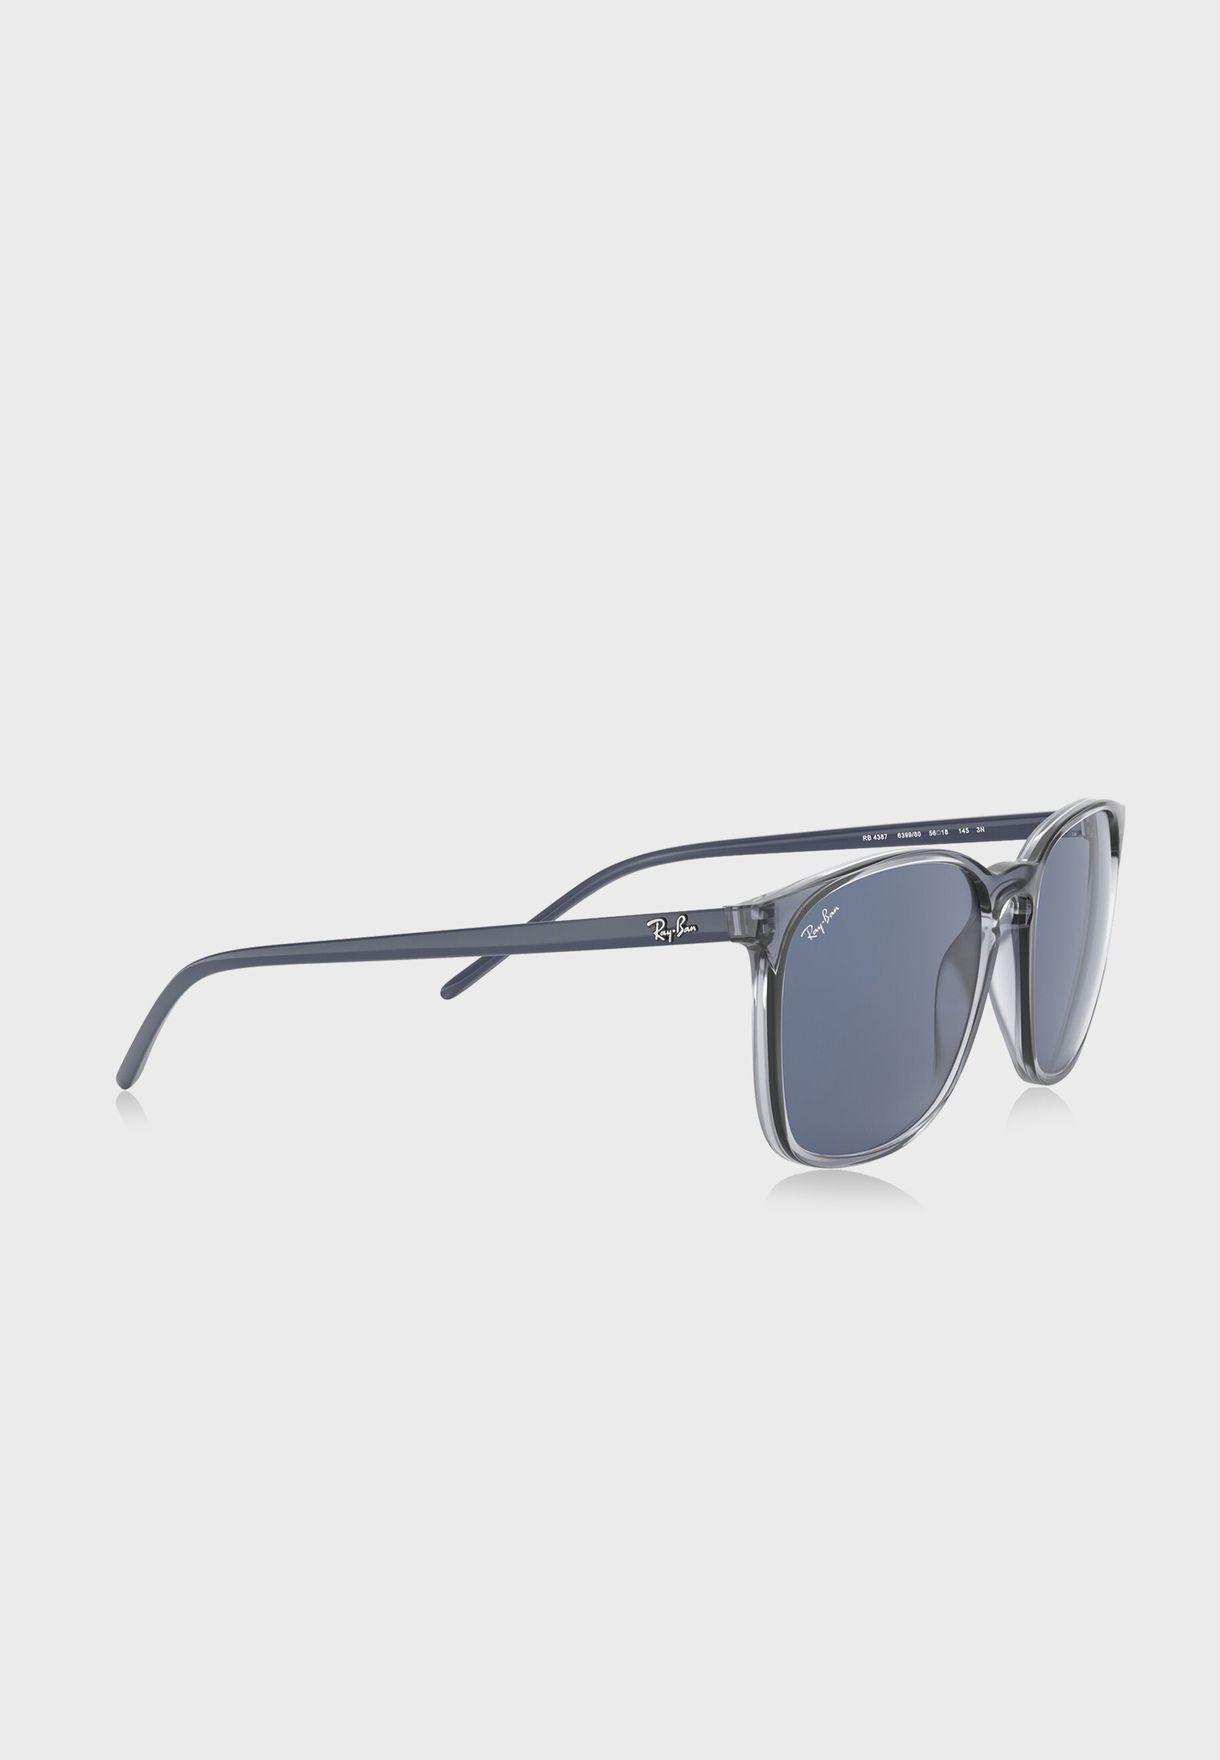 نظارة شمسية مربعة 0RB4387